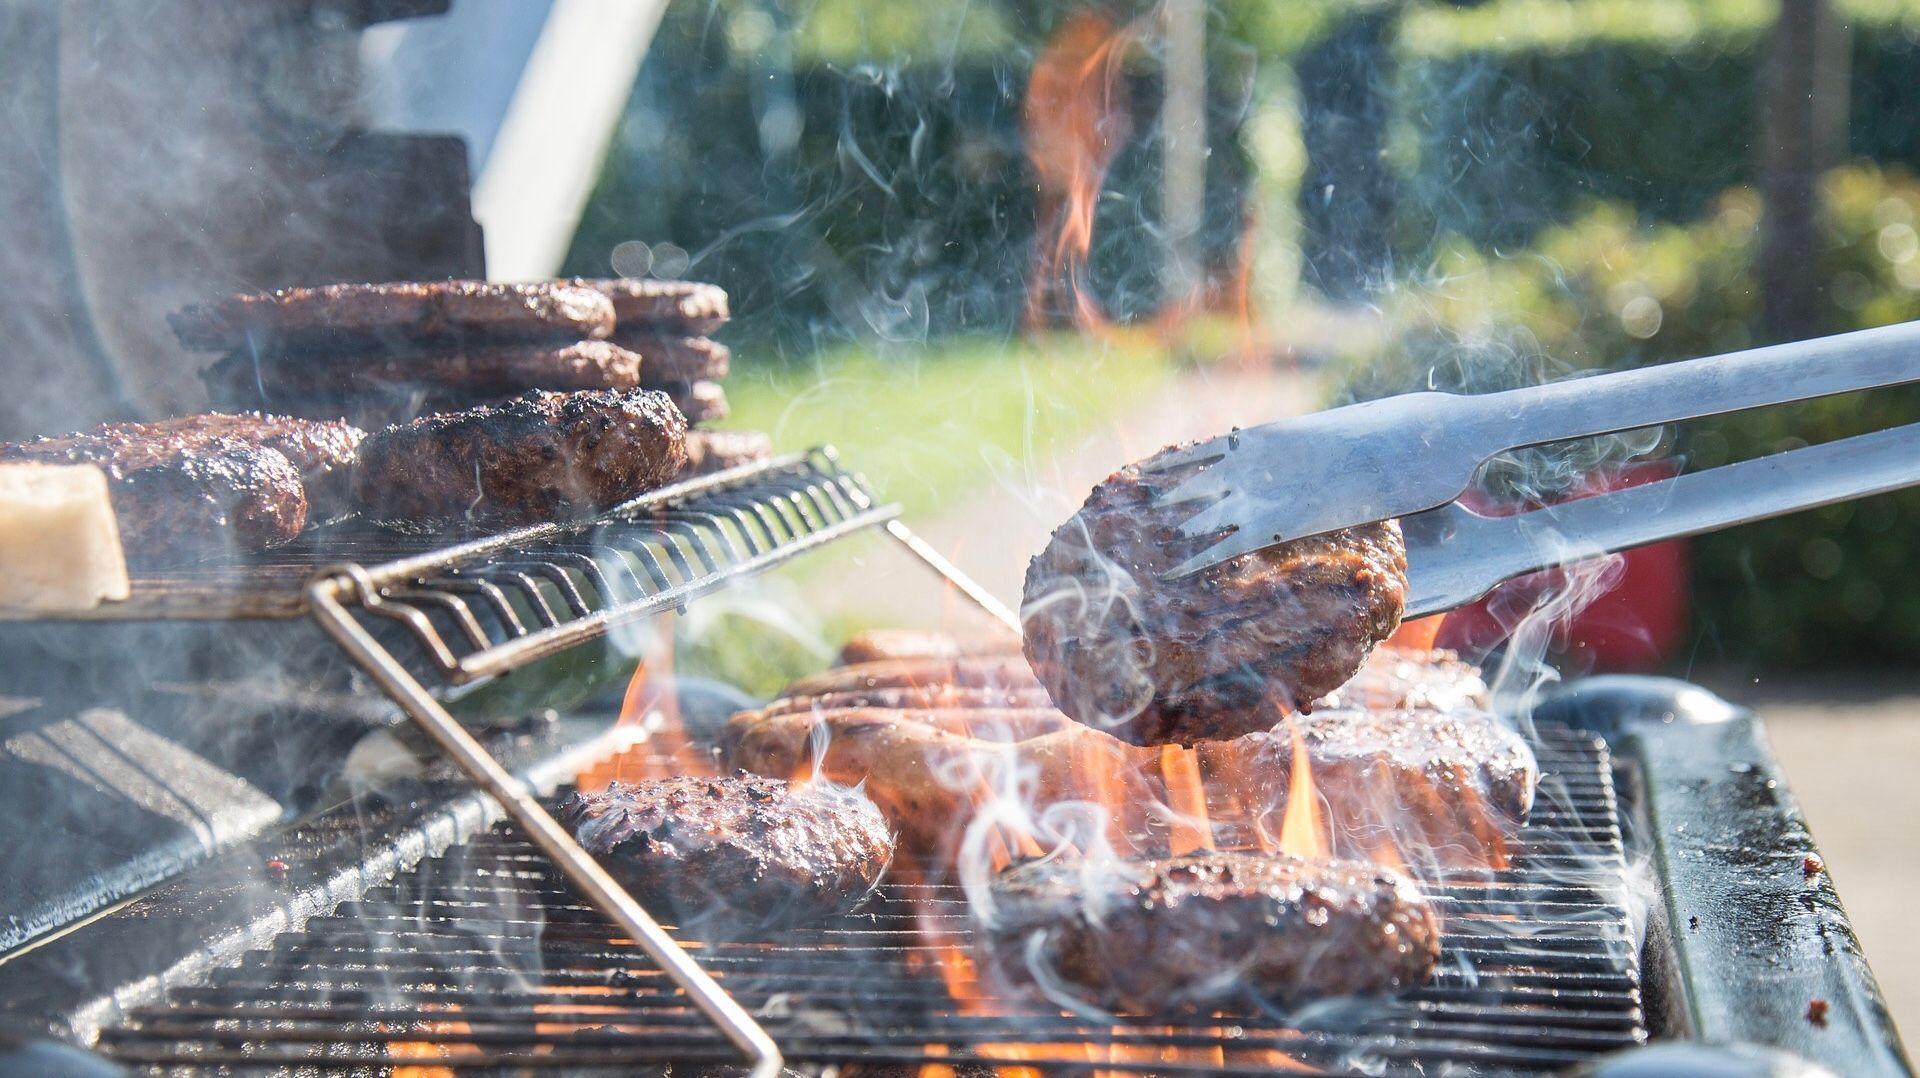 Gesund und saftig: 10 Tipps und Tricks für die Grillsaison